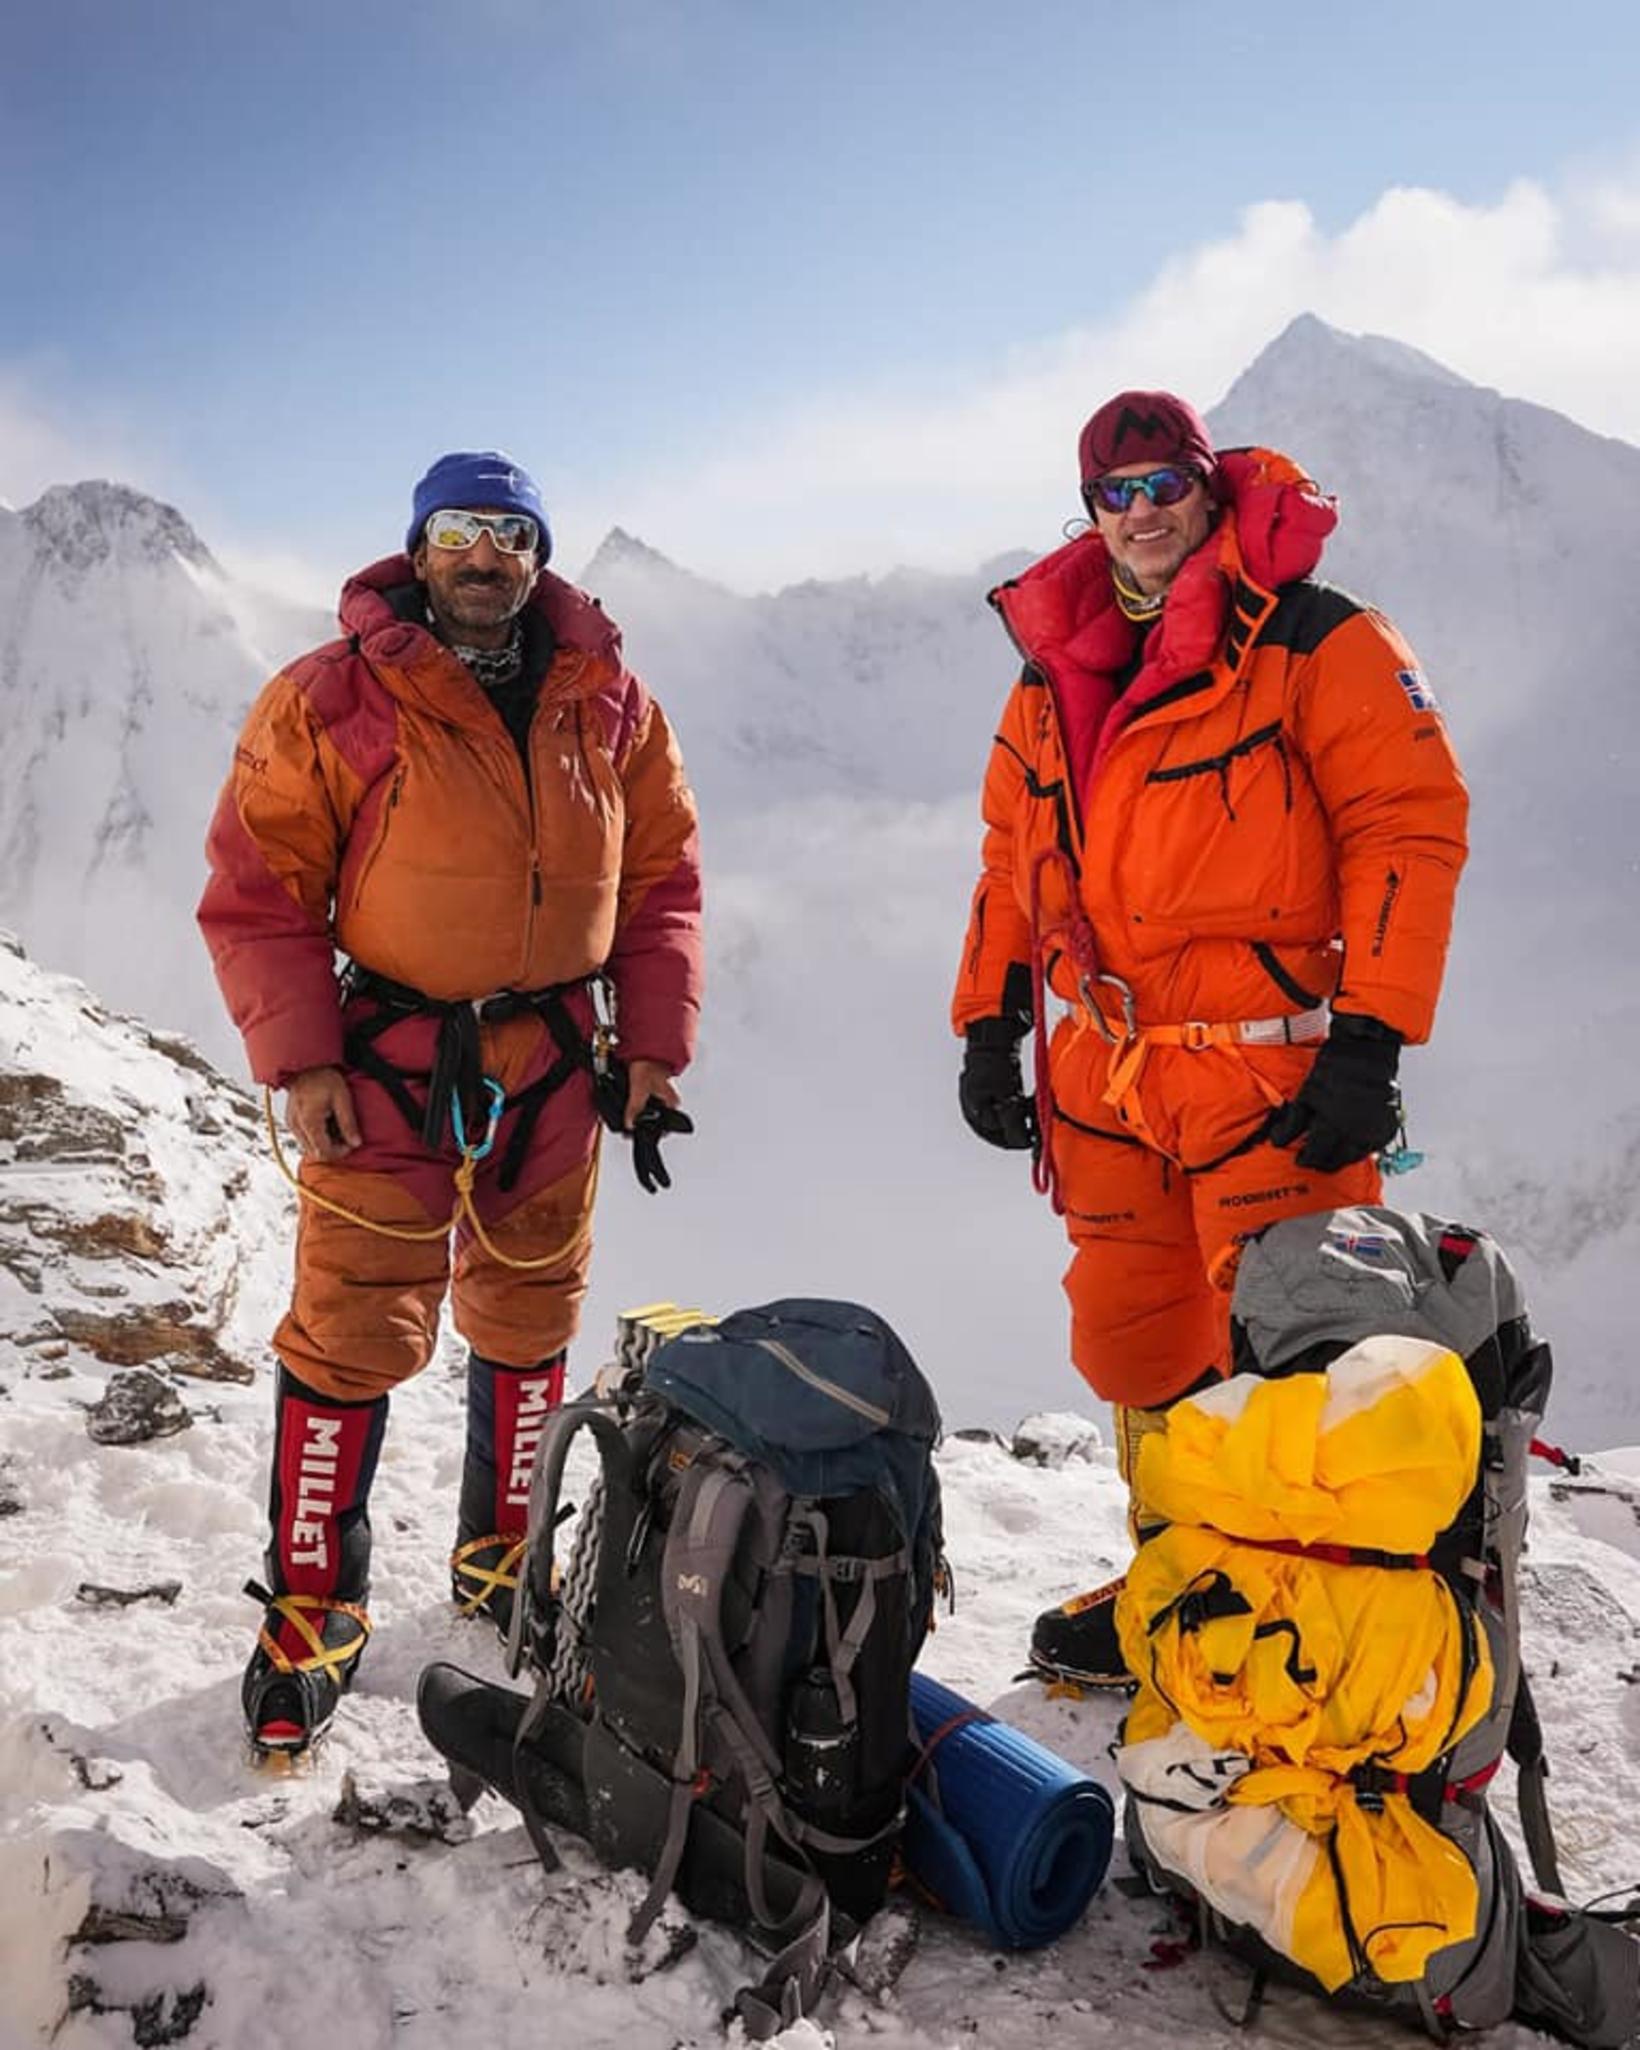 Í hlíðum K2. Muhammad Ali Sadpara og John Snorri Sigurjónsson.